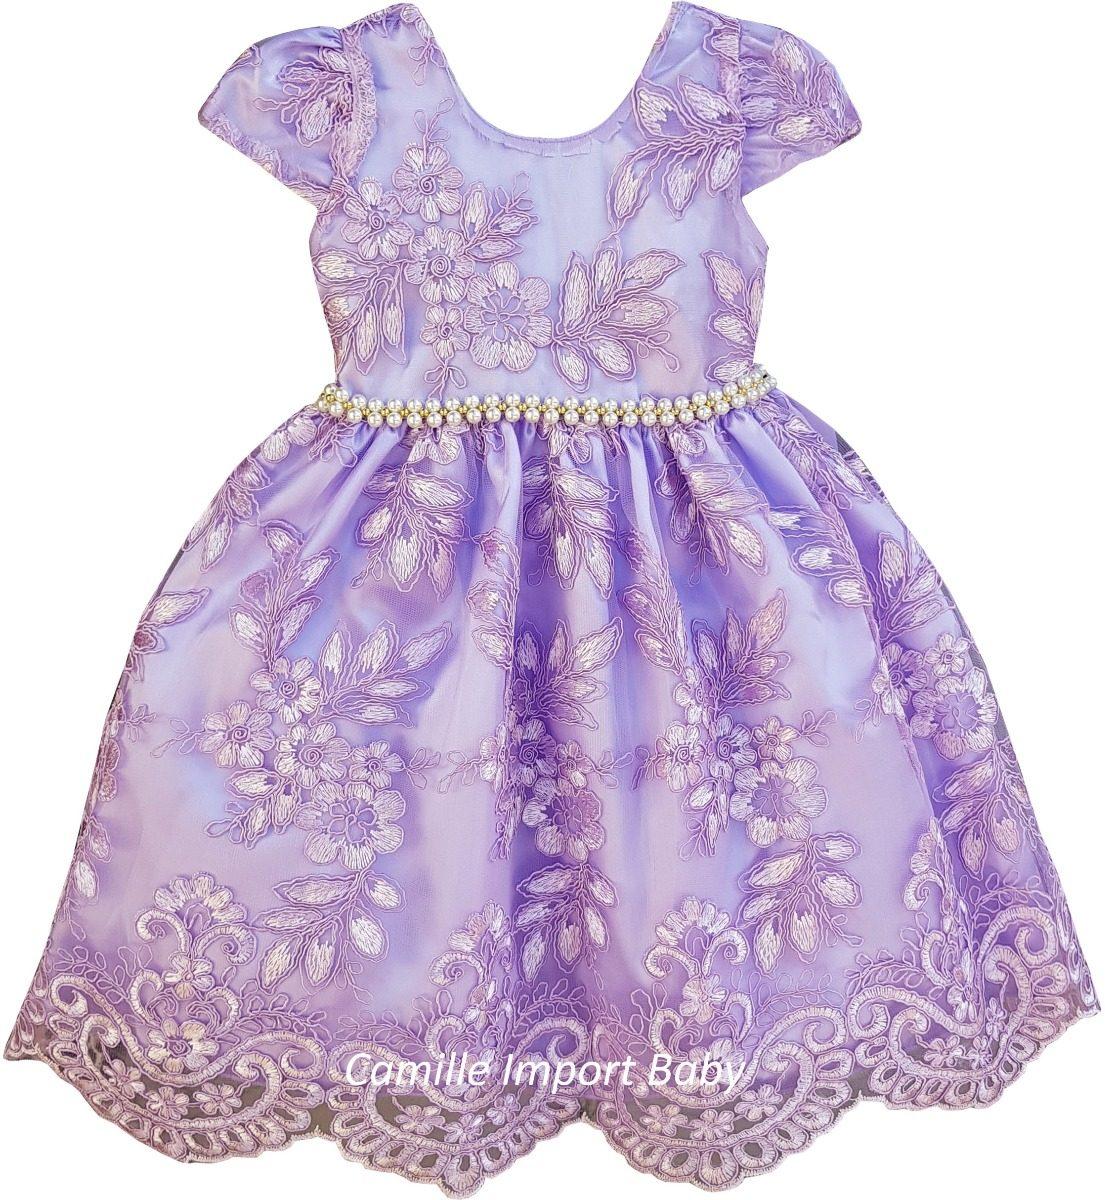 10e98774d5 vestido princesa sofia infantil chique lilas renda oferta. Carregando zoom.